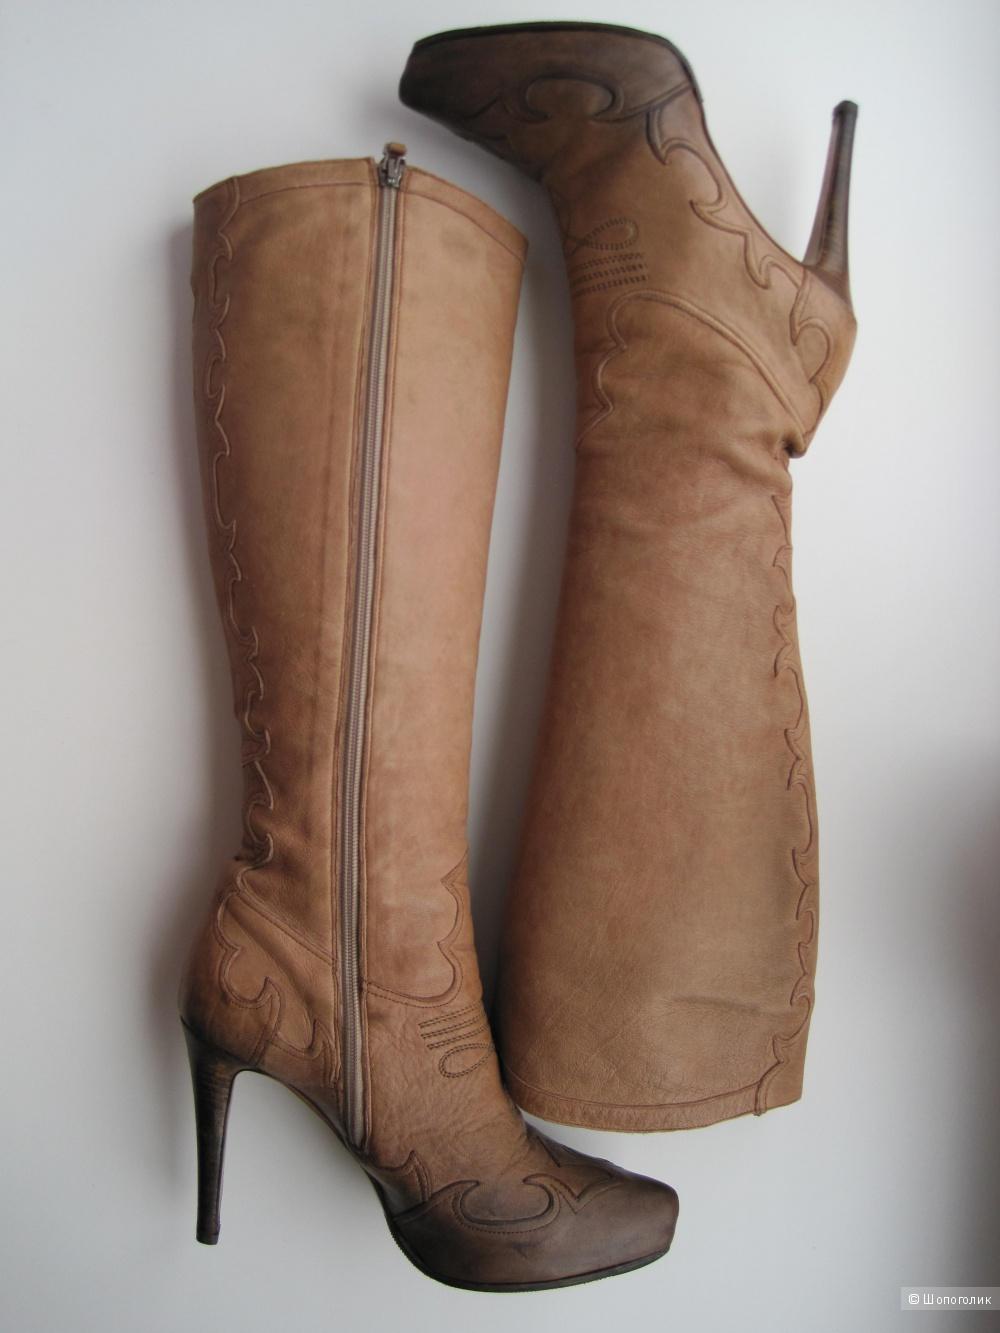 Сапоги демисезонные из натуральной кожи на высоком каблуке, итальянские, Nando Muzi